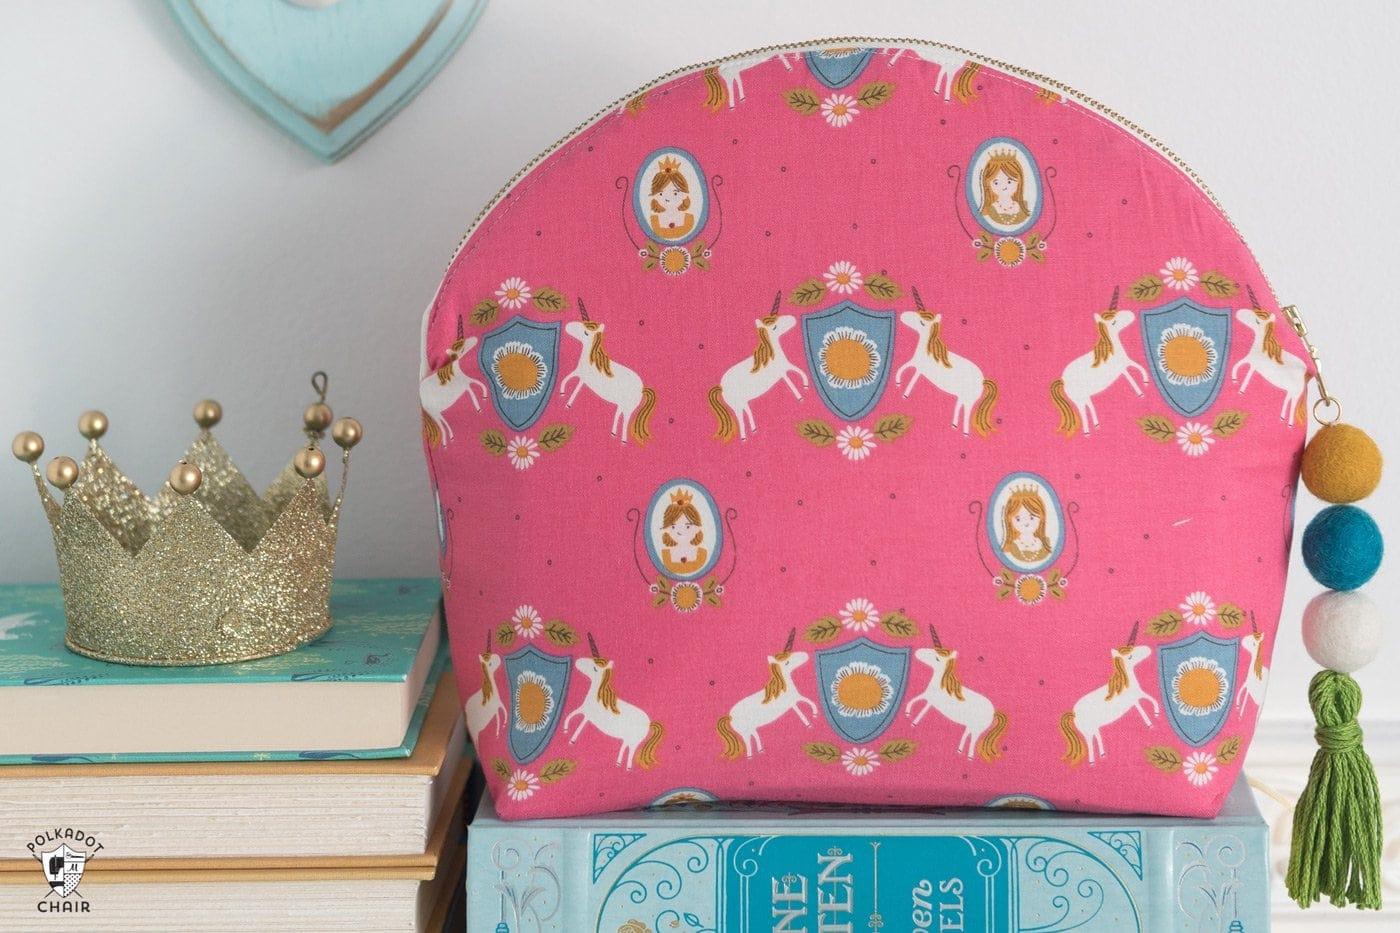 makeup bag on books